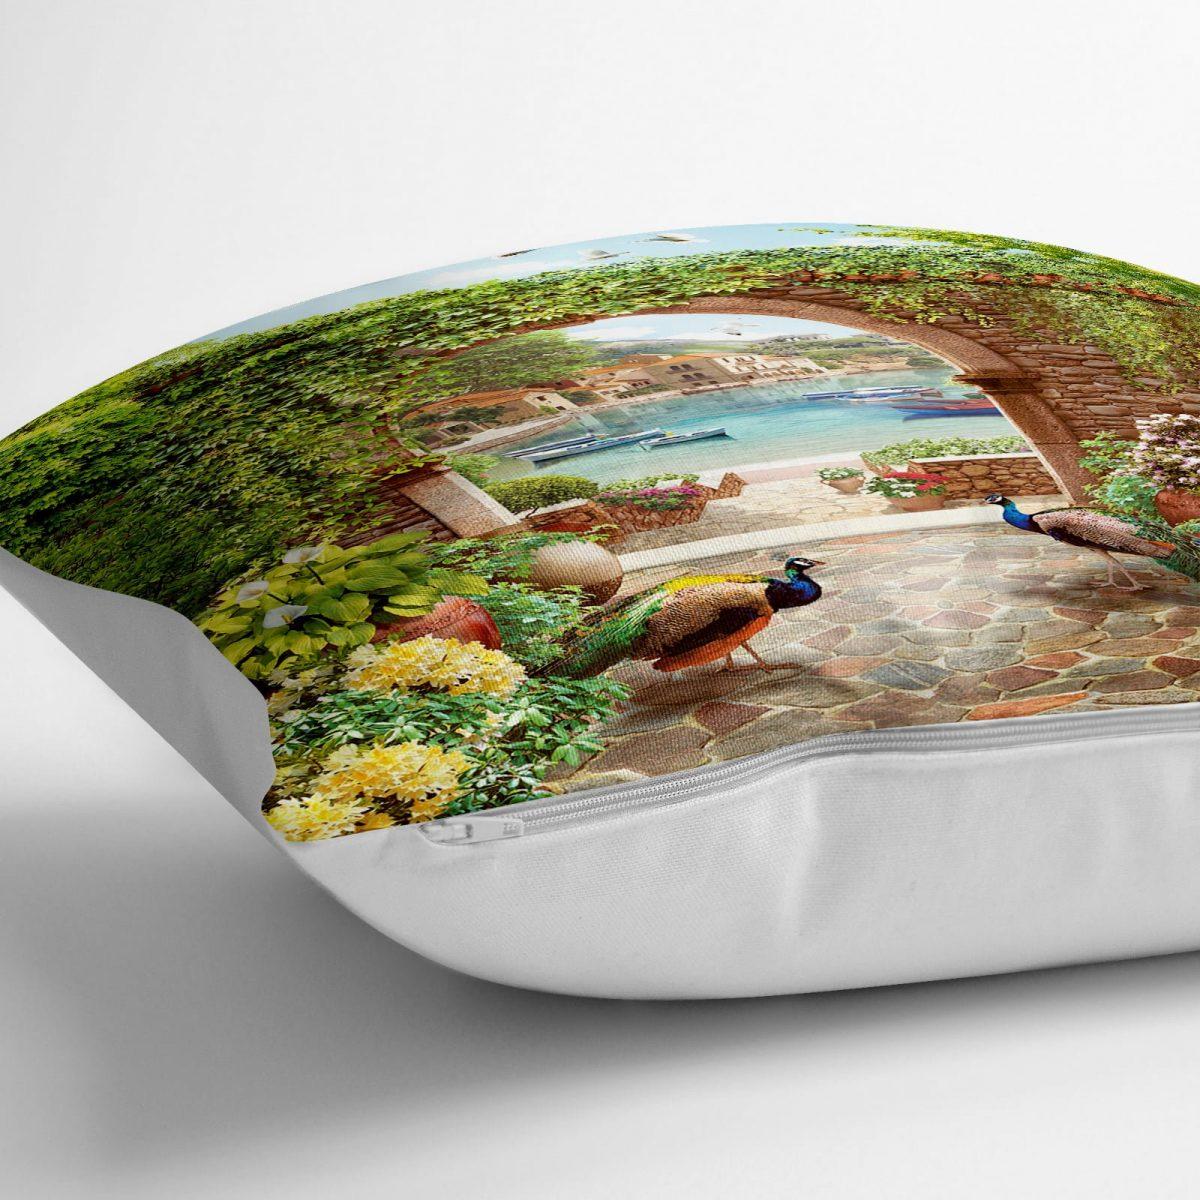 Tavuz Kuşu Dijital Baskılı Dekoratif Yer Minderi - 70 x 70 cm Realhomes